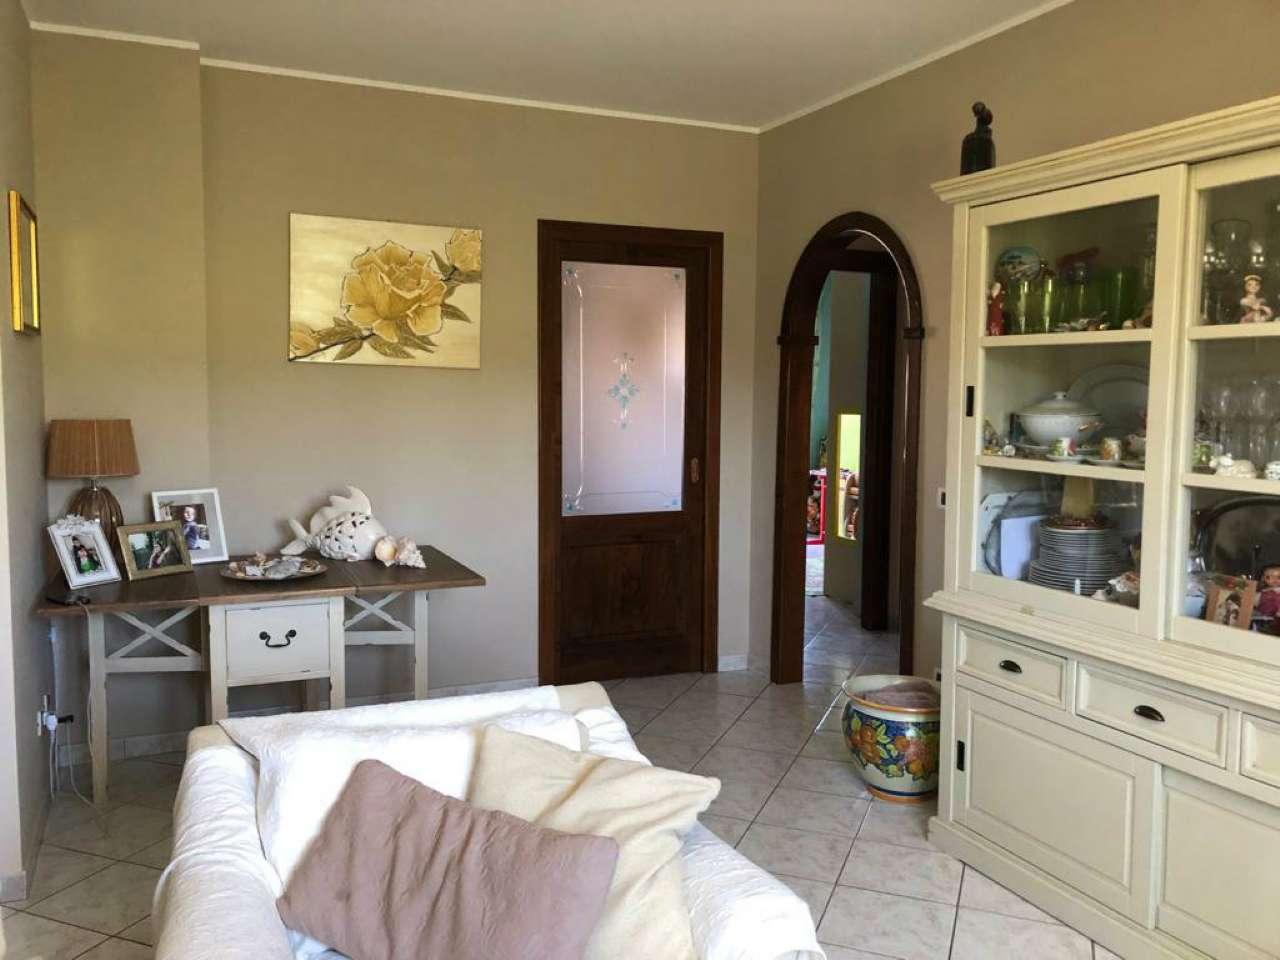 Appartamento in vendita a Guidonia Montecelio, 3 locali, prezzo € 140.000 | PortaleAgenzieImmobiliari.it